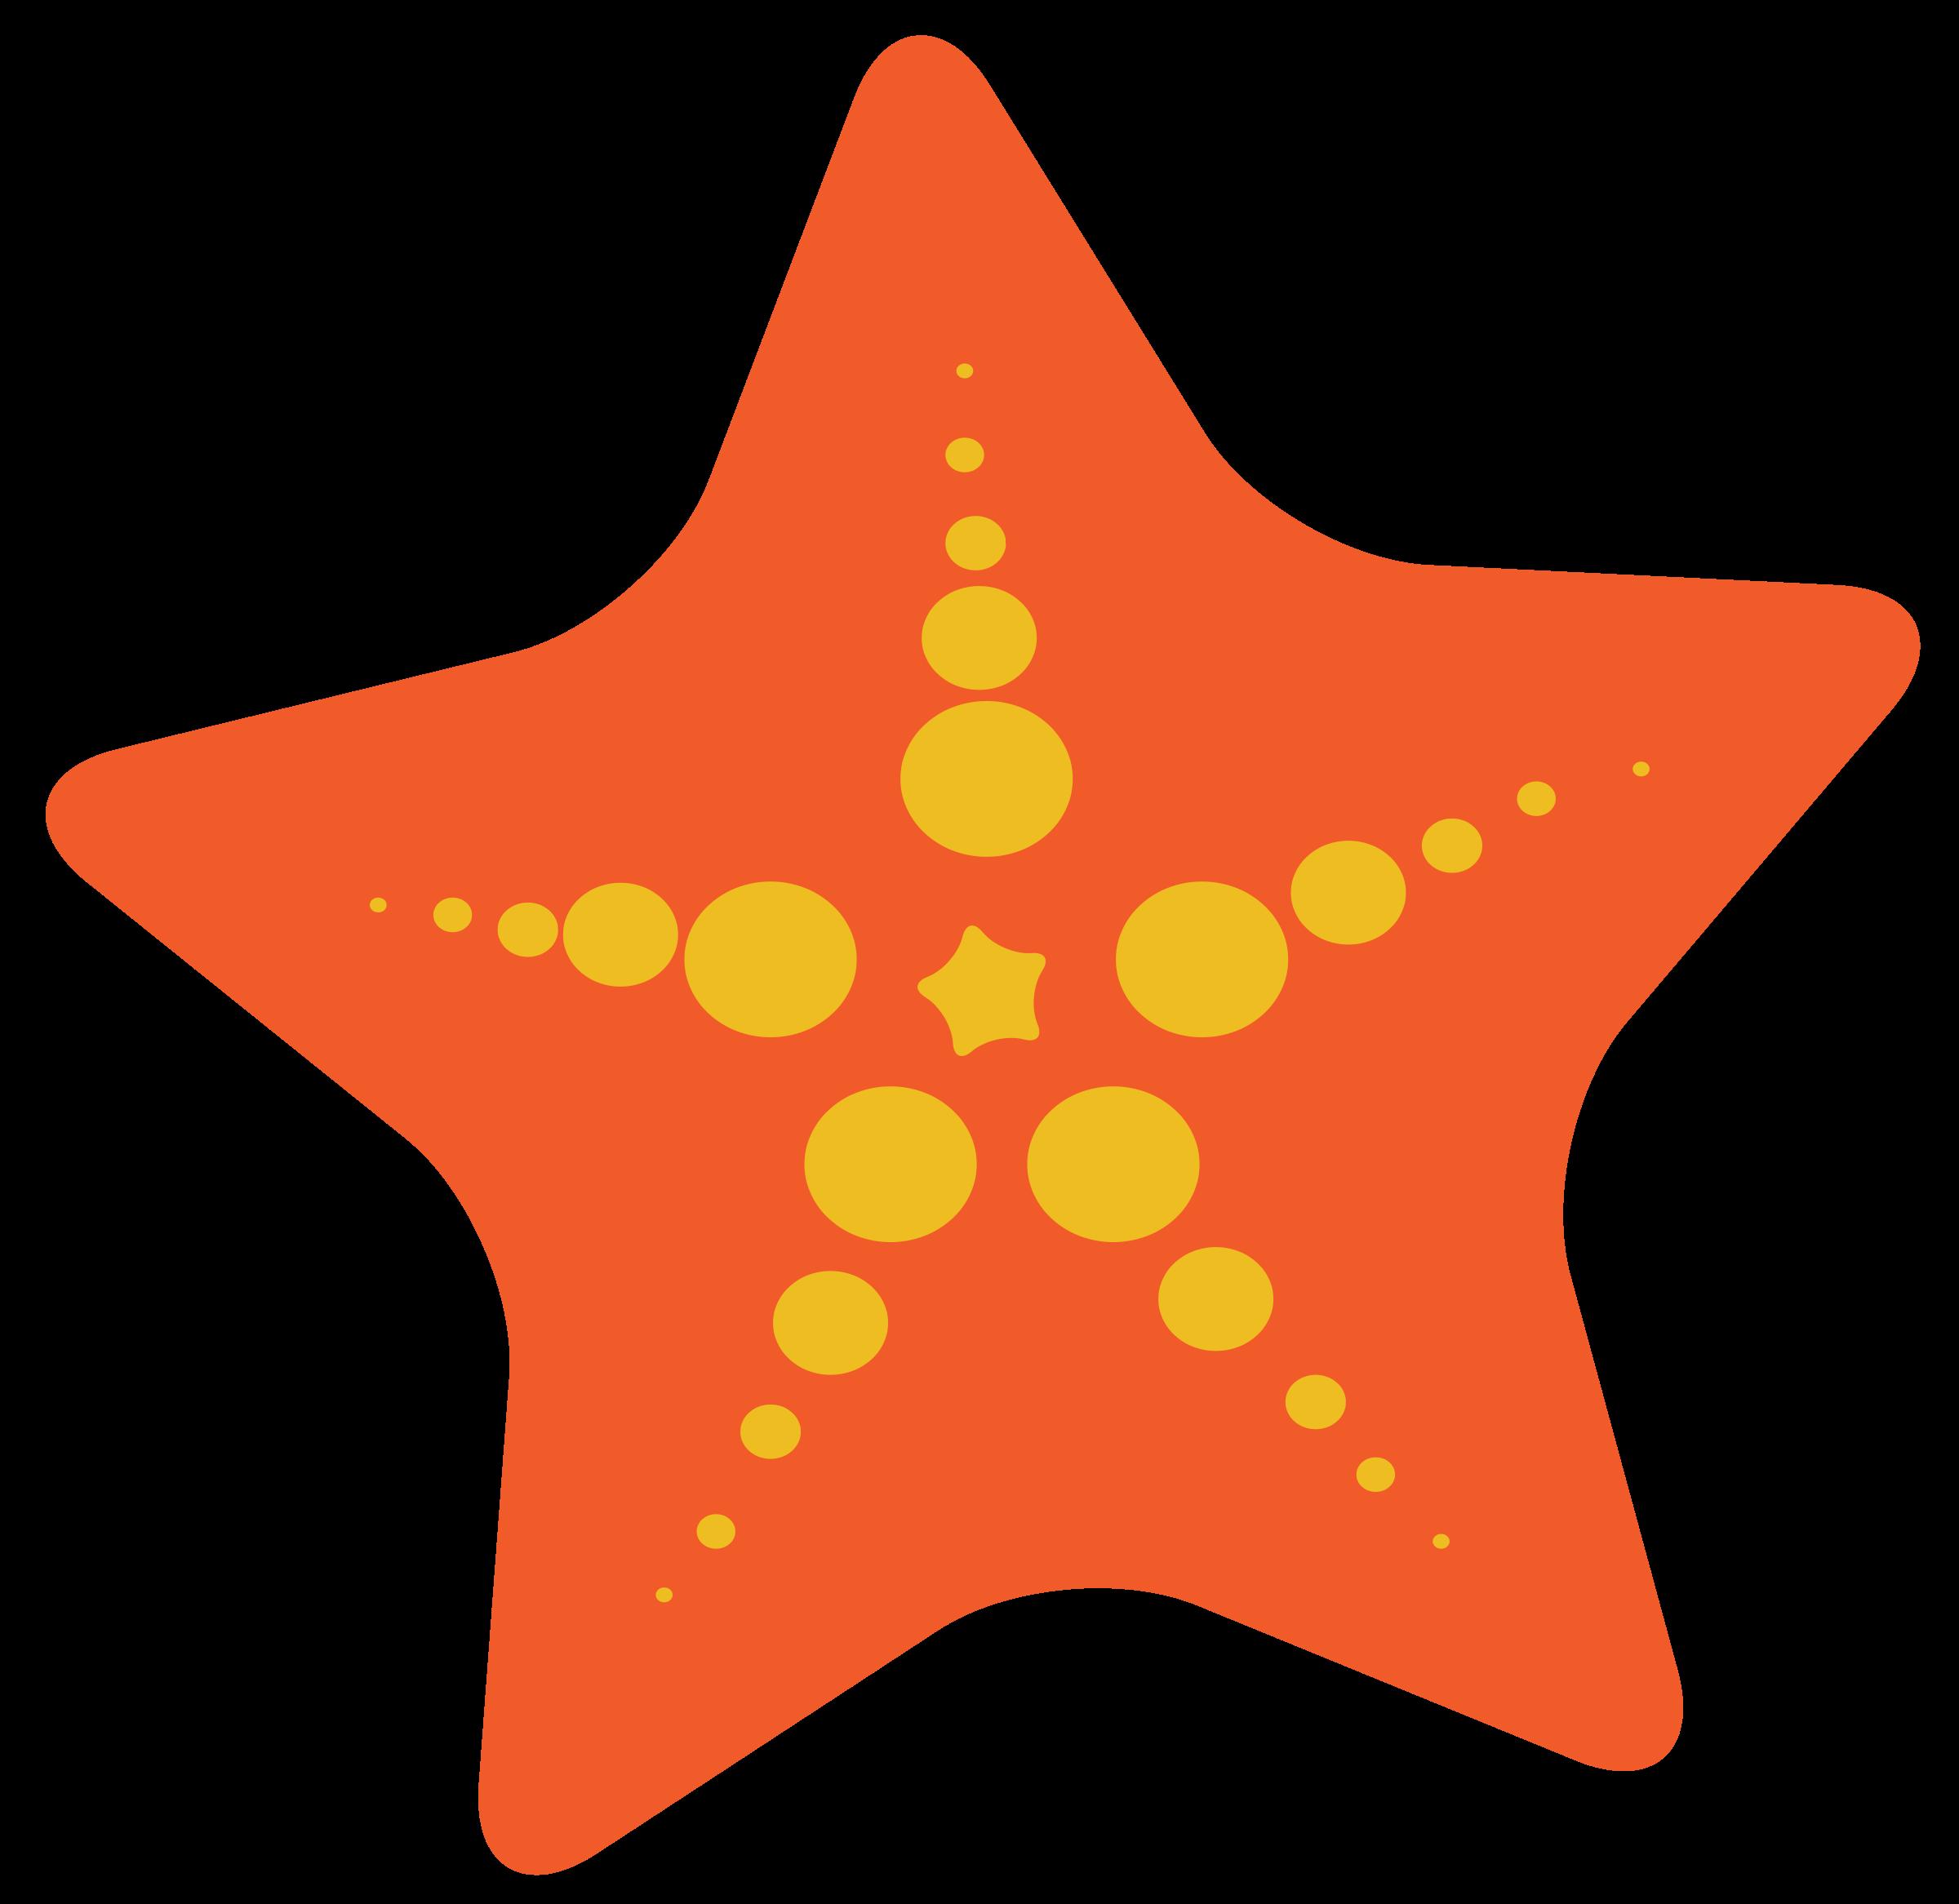 clipart starfish-clipart starfish-8